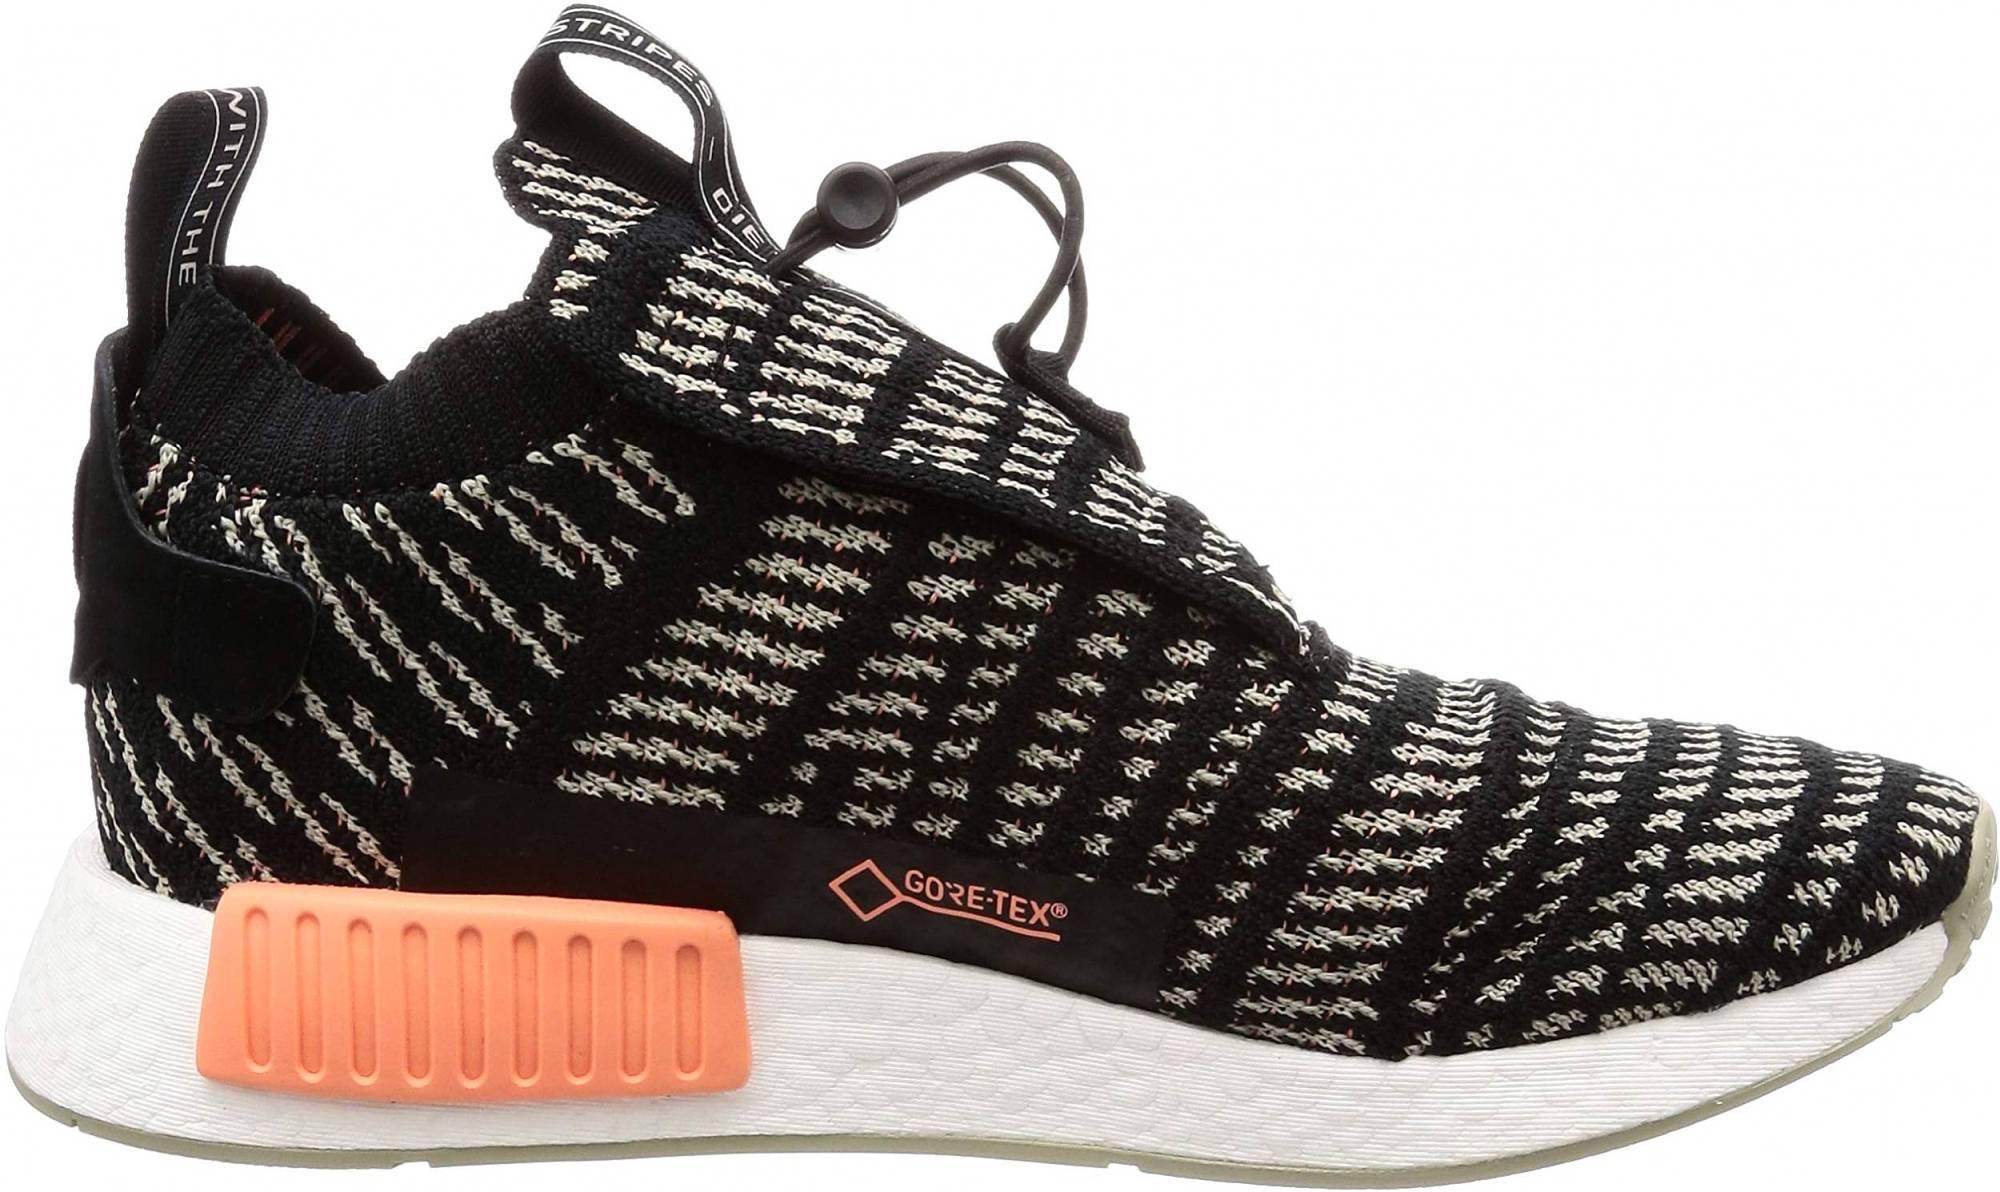 Adidas NMD_TS1 Primeknit GTX – Shoes